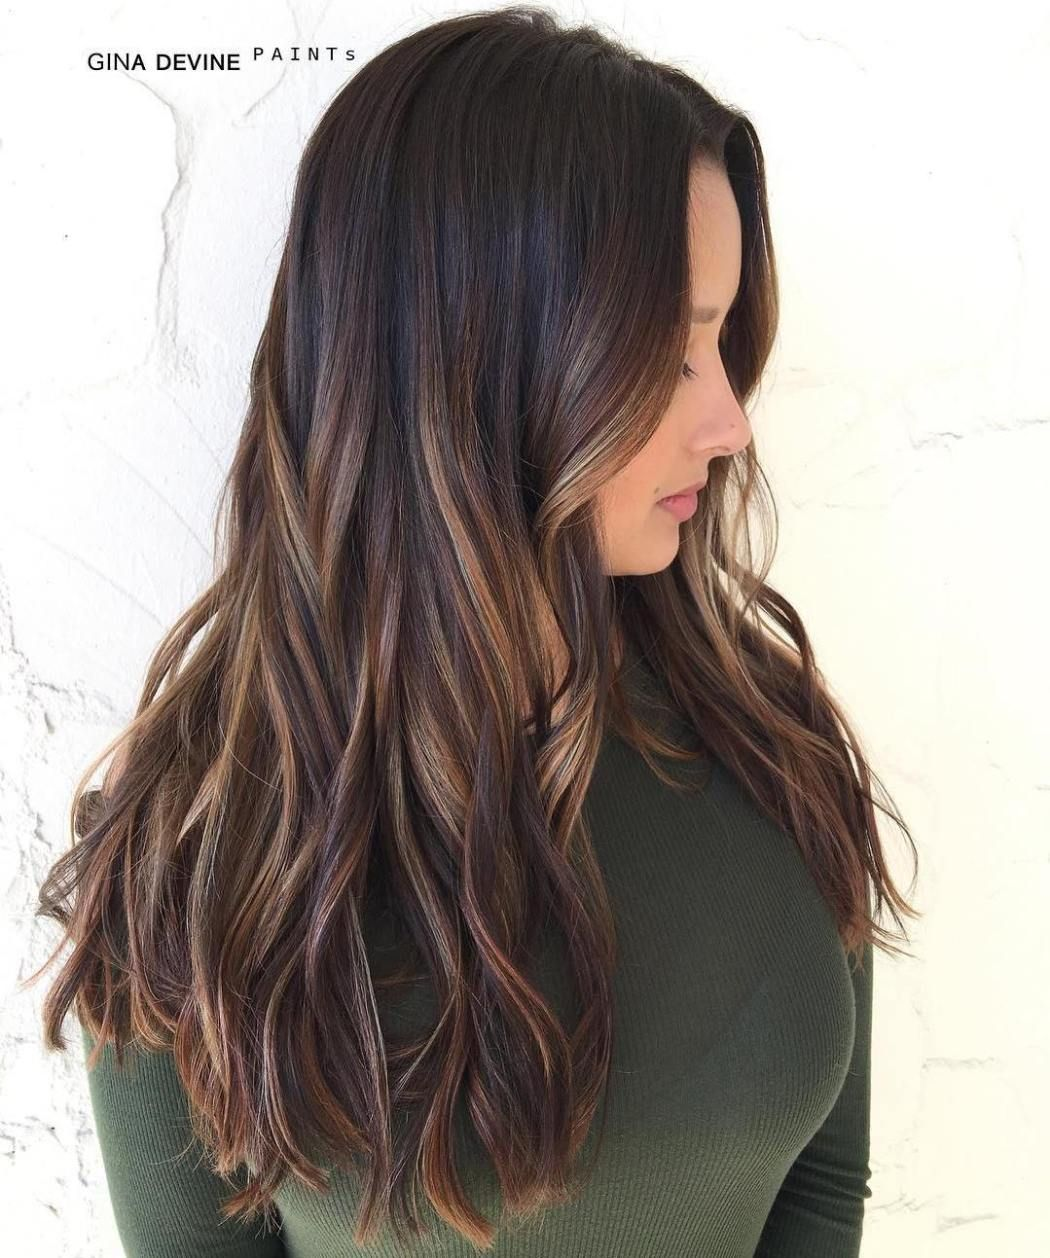 11 Hair Dye Ideas For Dark Hair